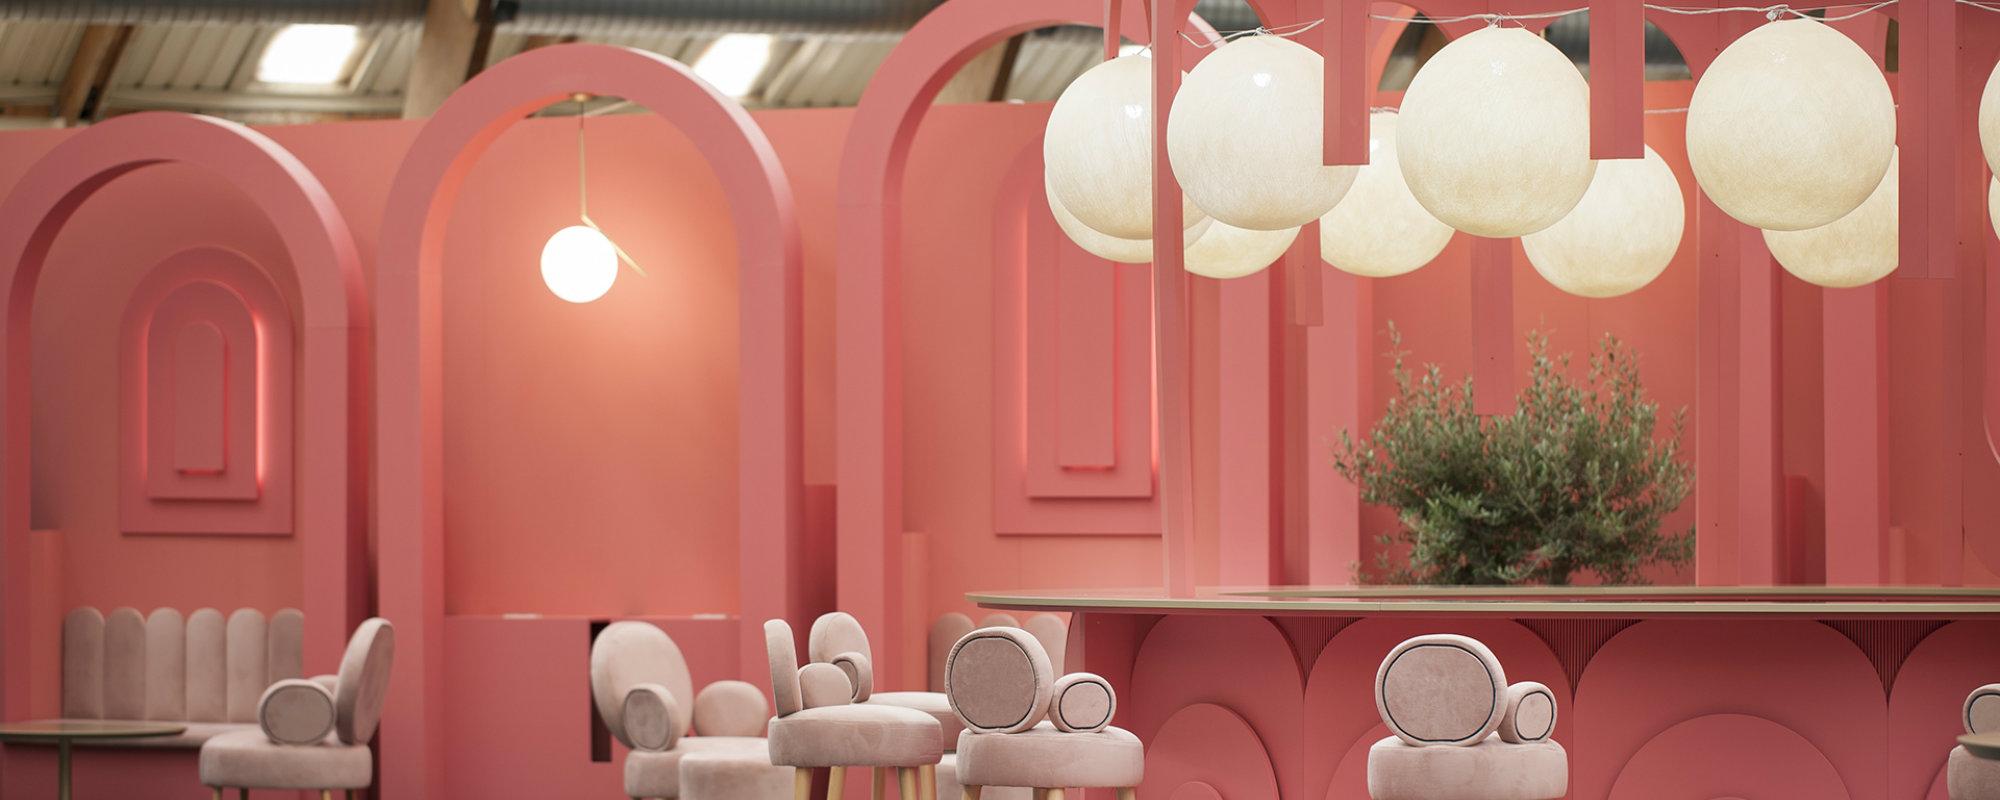 Proyectos Interiorismo: Viteri | Lapeña una empresa lujuosa de diseño de interiores proyectos interiorismo Proyectos Interiorismo: Viteri | Lapeña una empresa lujuosa de diseño de interiores Featured 10